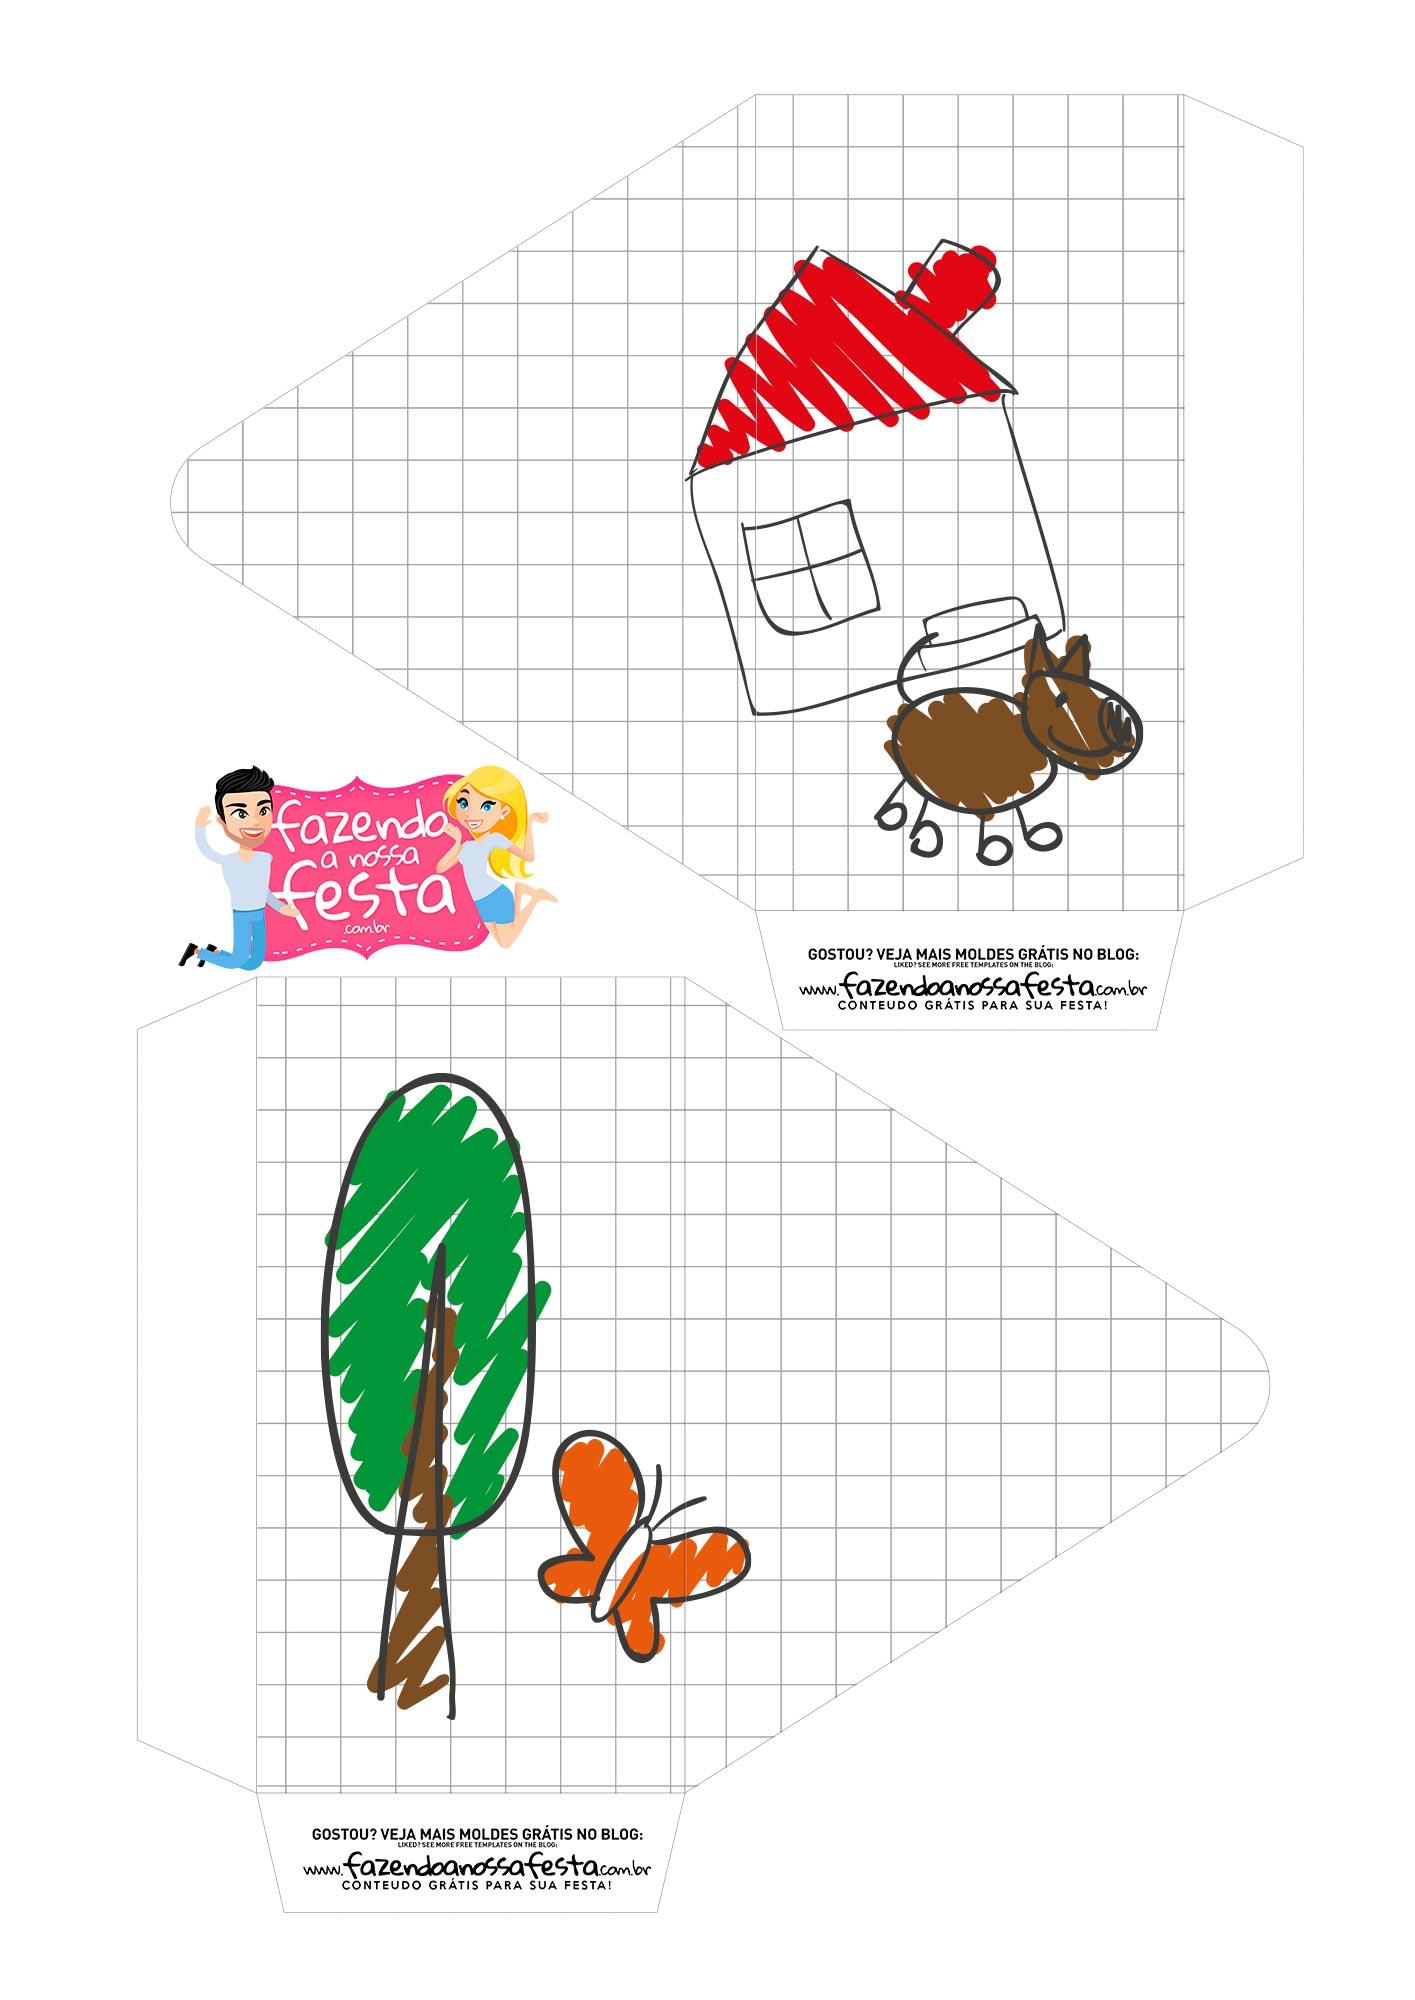 Caixa Envelpe Desenho crianca Pai 1